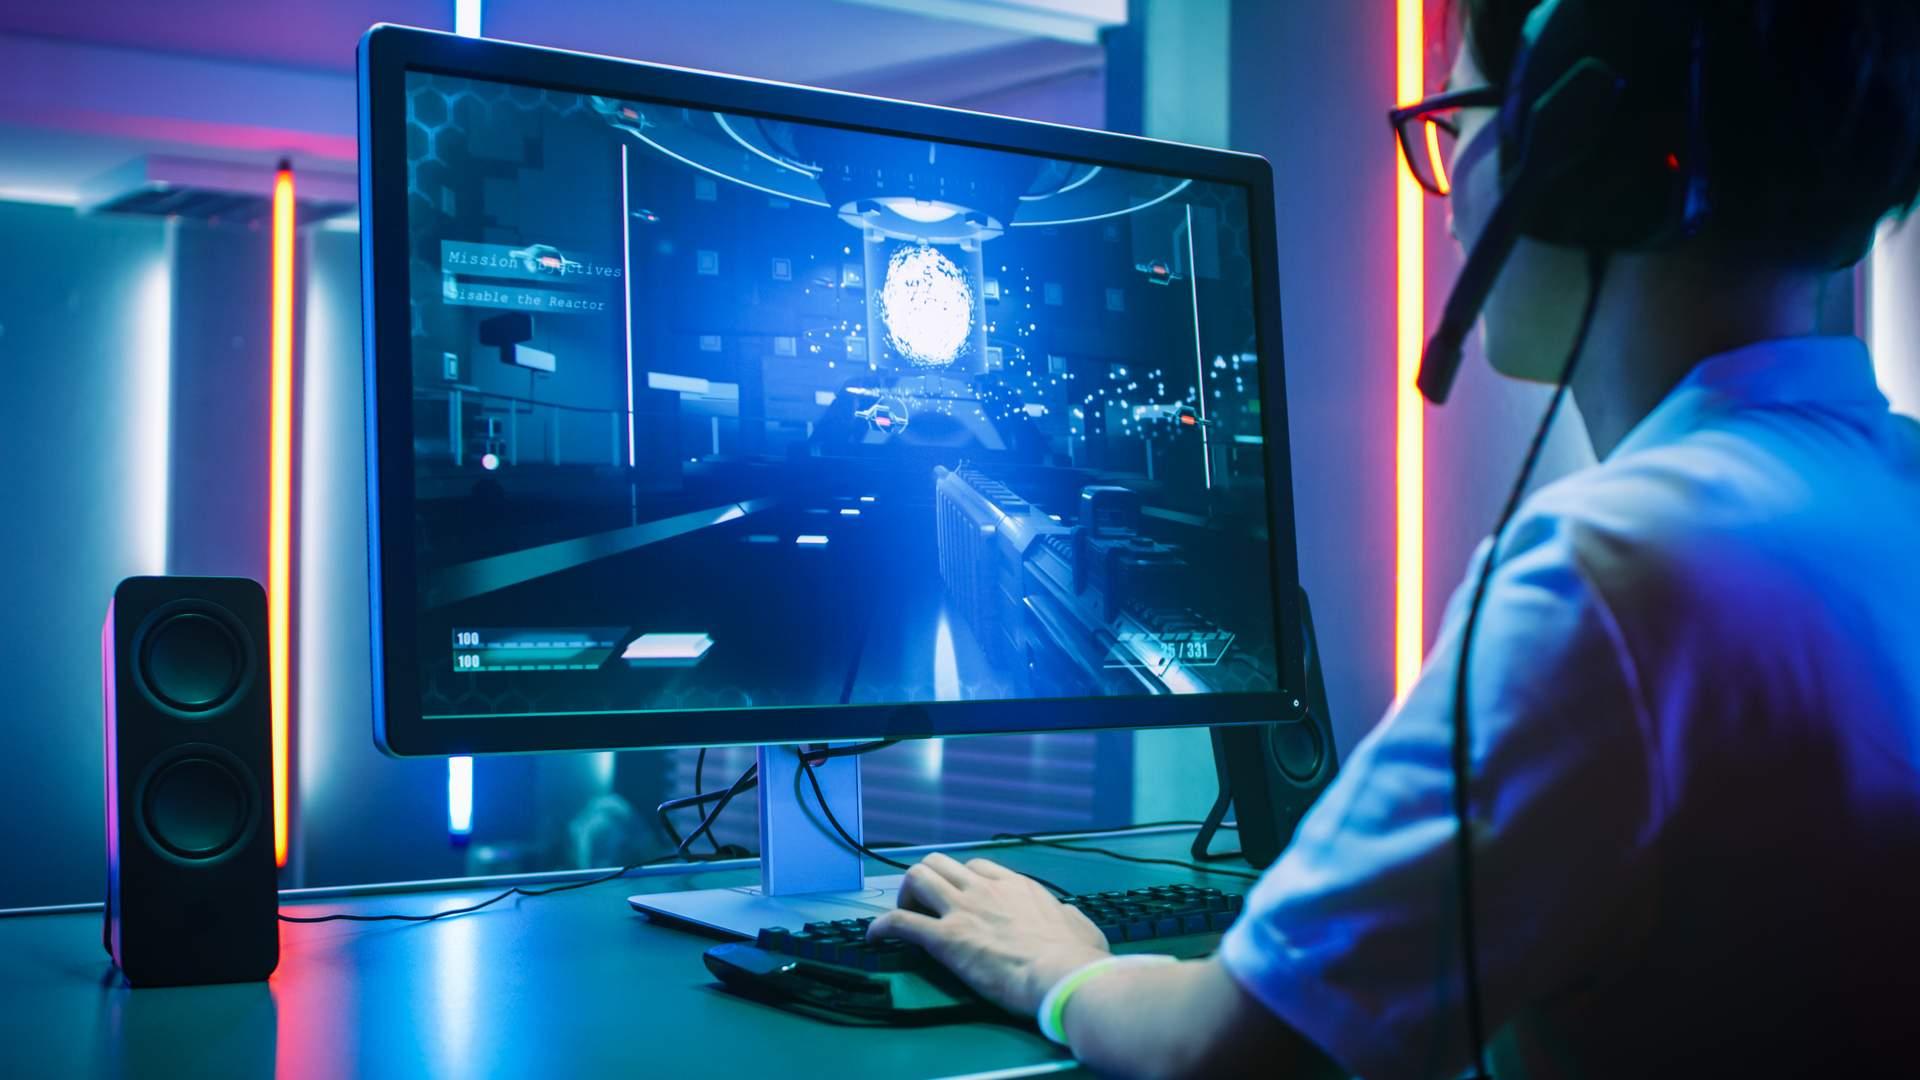 Pessoa jogando game de tiro no monitor